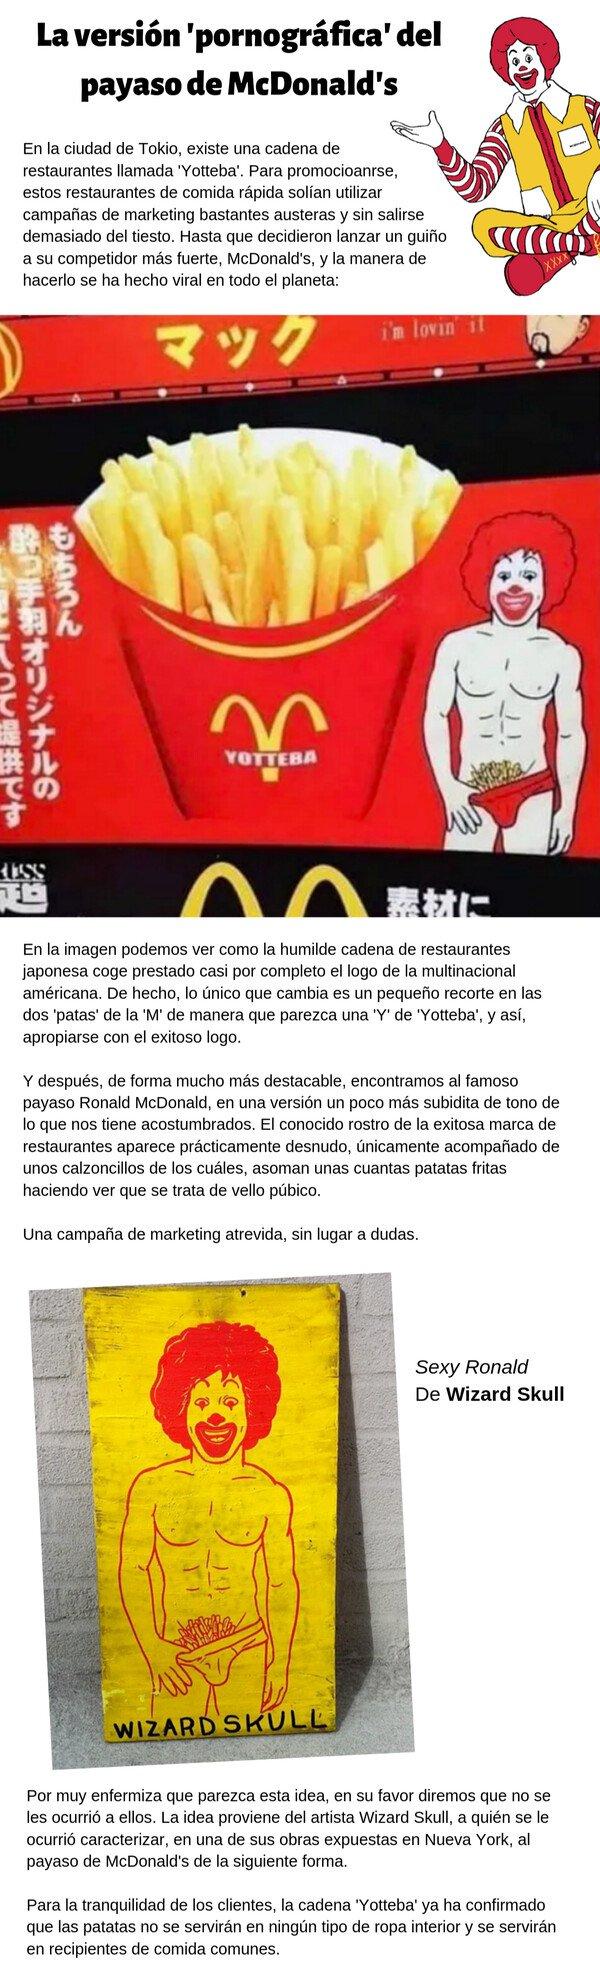 Otros - Un McDonald's de Japón utiliza una versión +18 del payaso en sus anuncios, y el mundo se vuelve loco